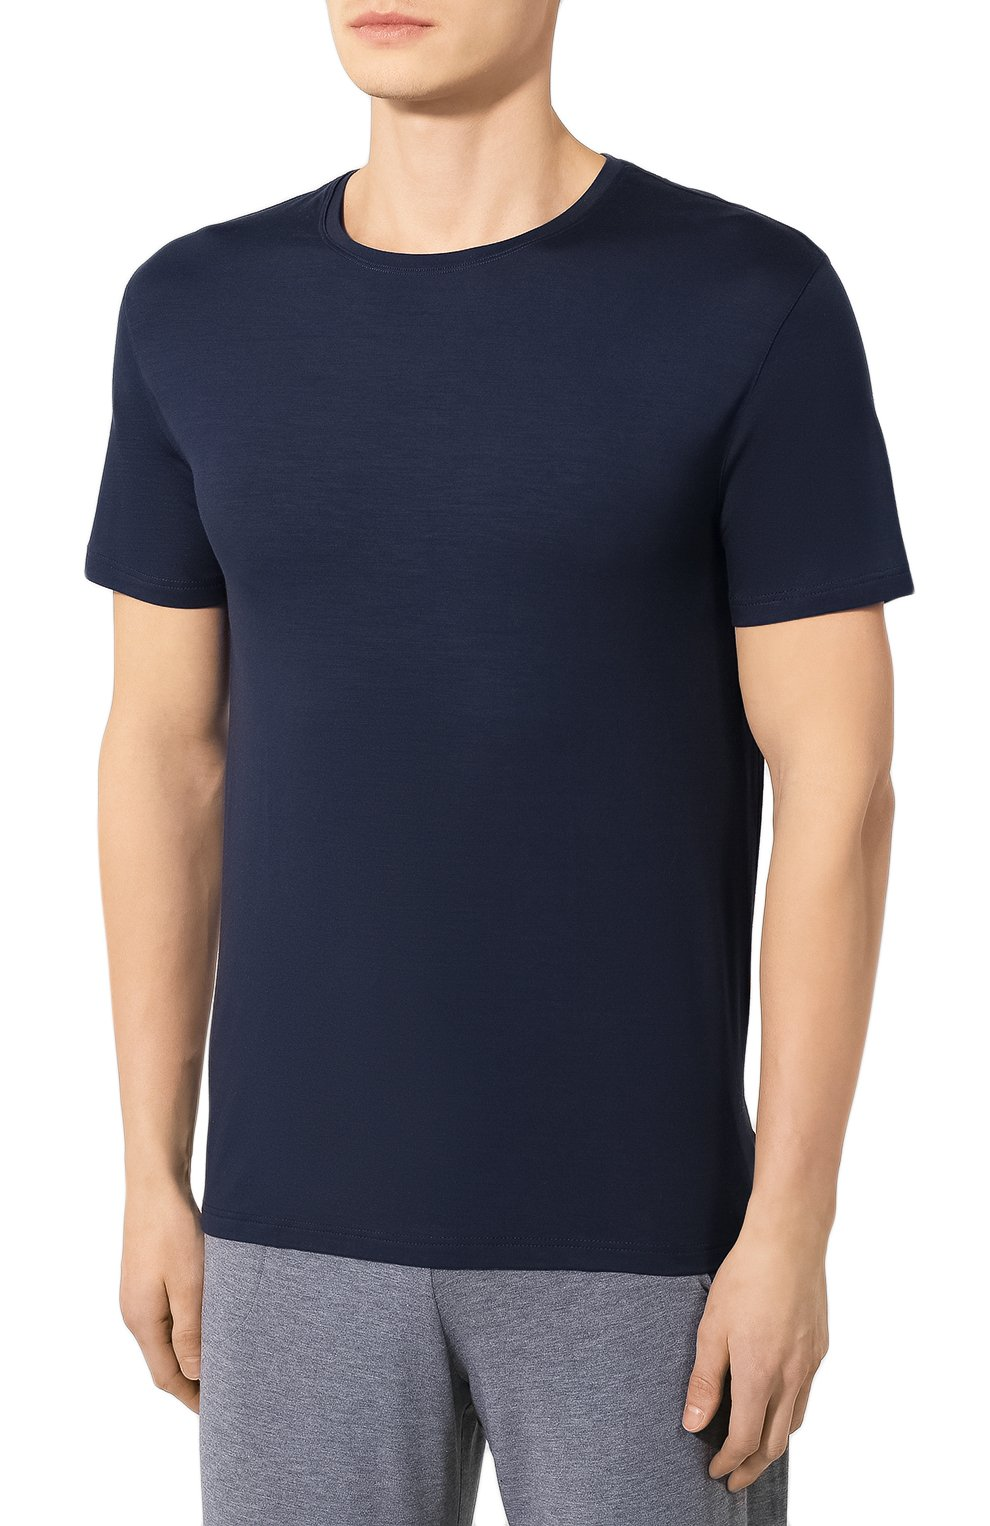 Мужская футболка DEREK ROSE синего цвета, арт. 3048-BASE001   Фото 3 (Кросс-КТ: домашняя одежда; Рукава: Короткие; Материал внешний: Синтетический материал; Длина (для топов): Стандартные; Мужское Кросс-КТ: Футболка-белье)